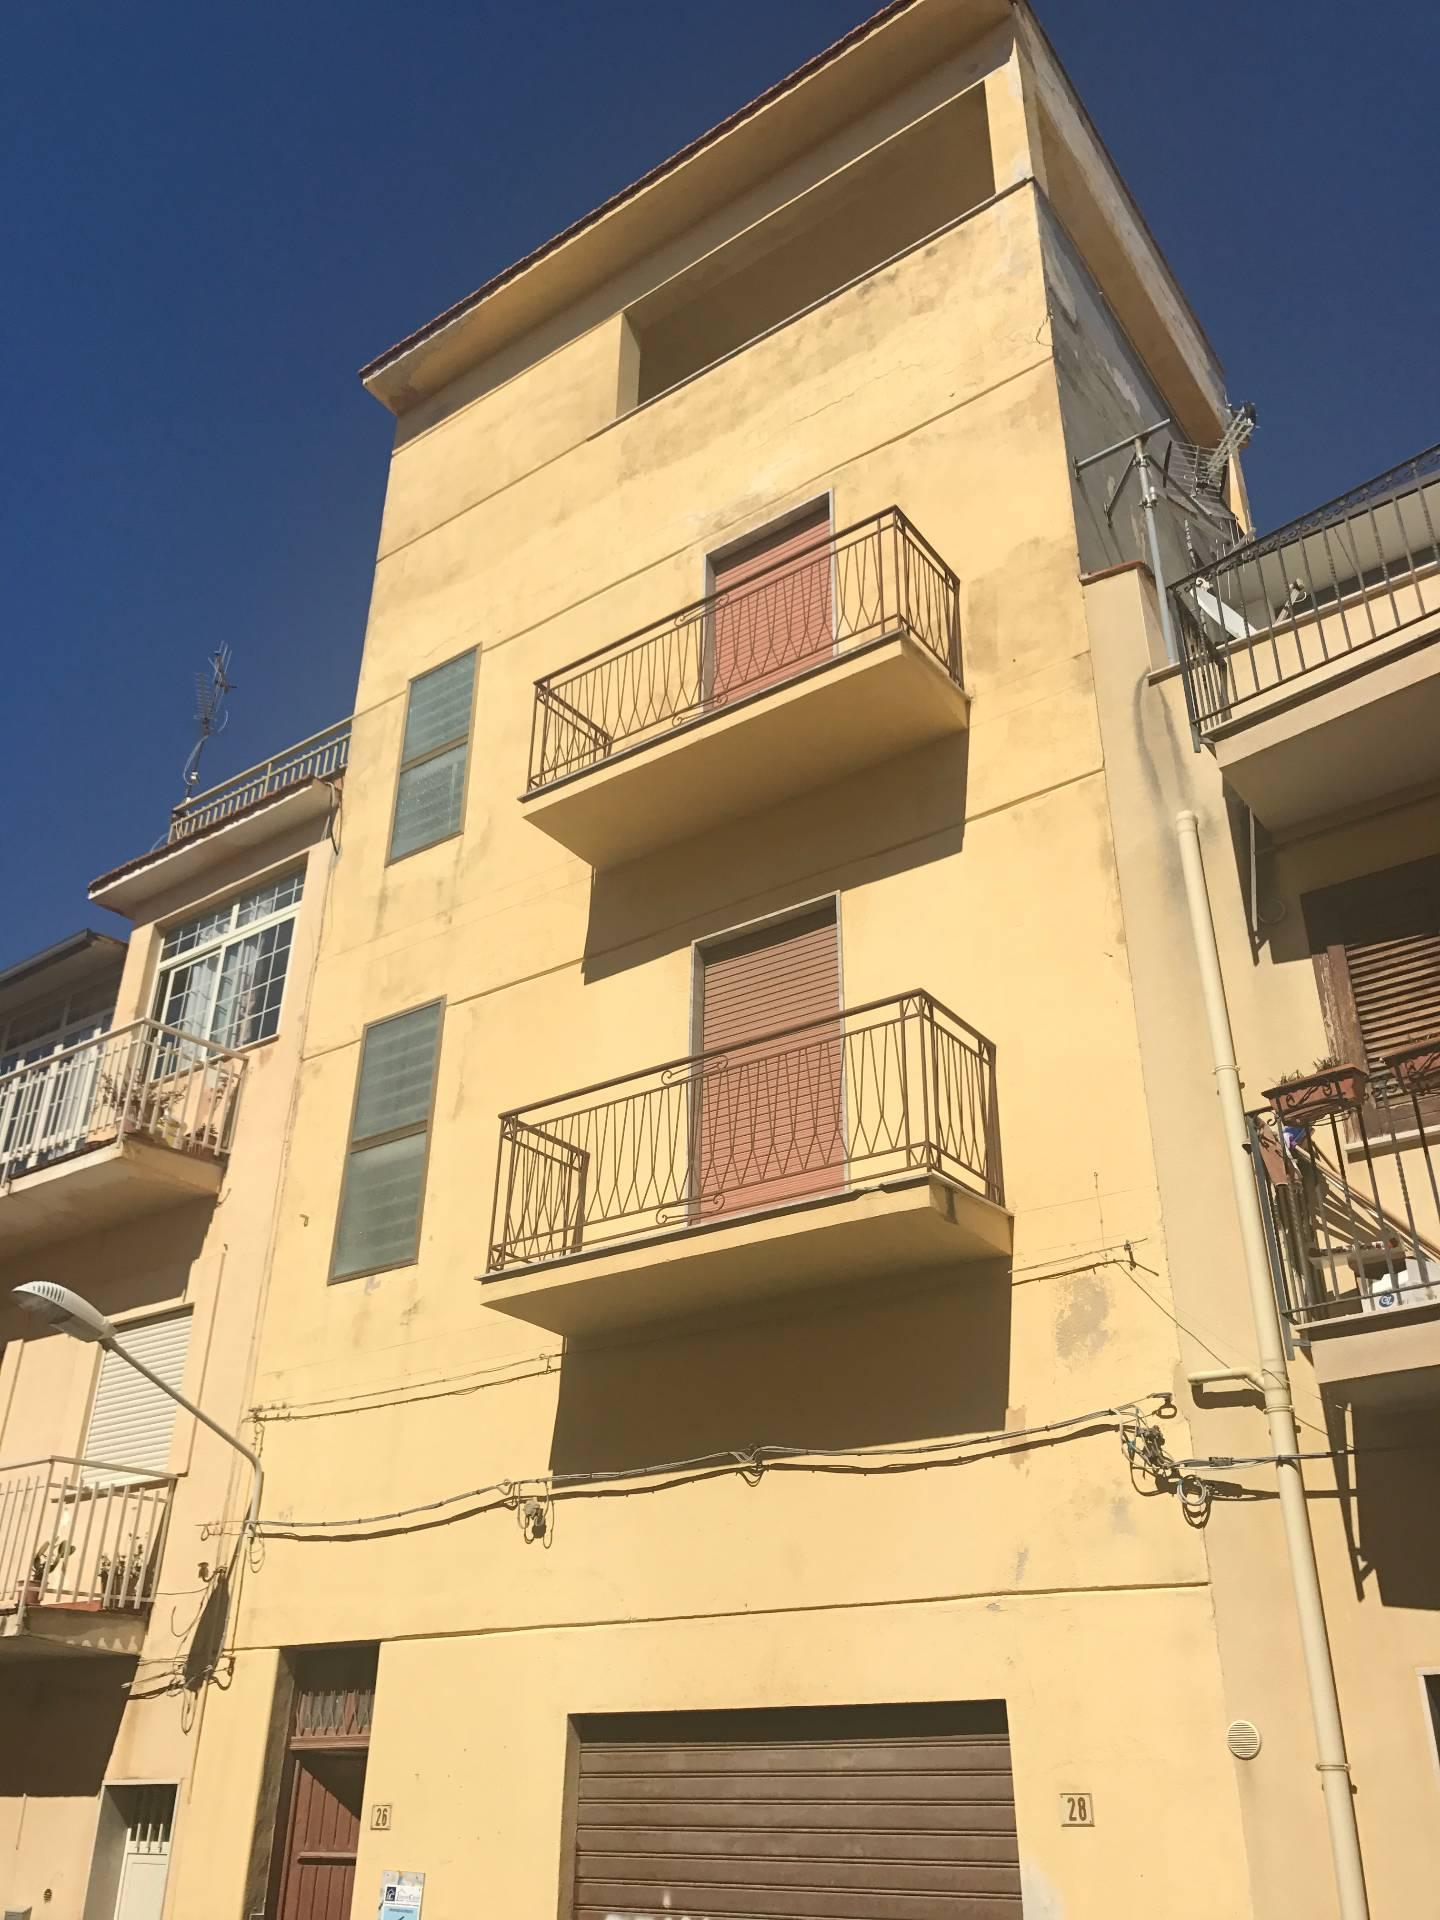 Palazzo / Stabile in vendita a Balestrate, 6 locali, prezzo € 140.000 | CambioCasa.it